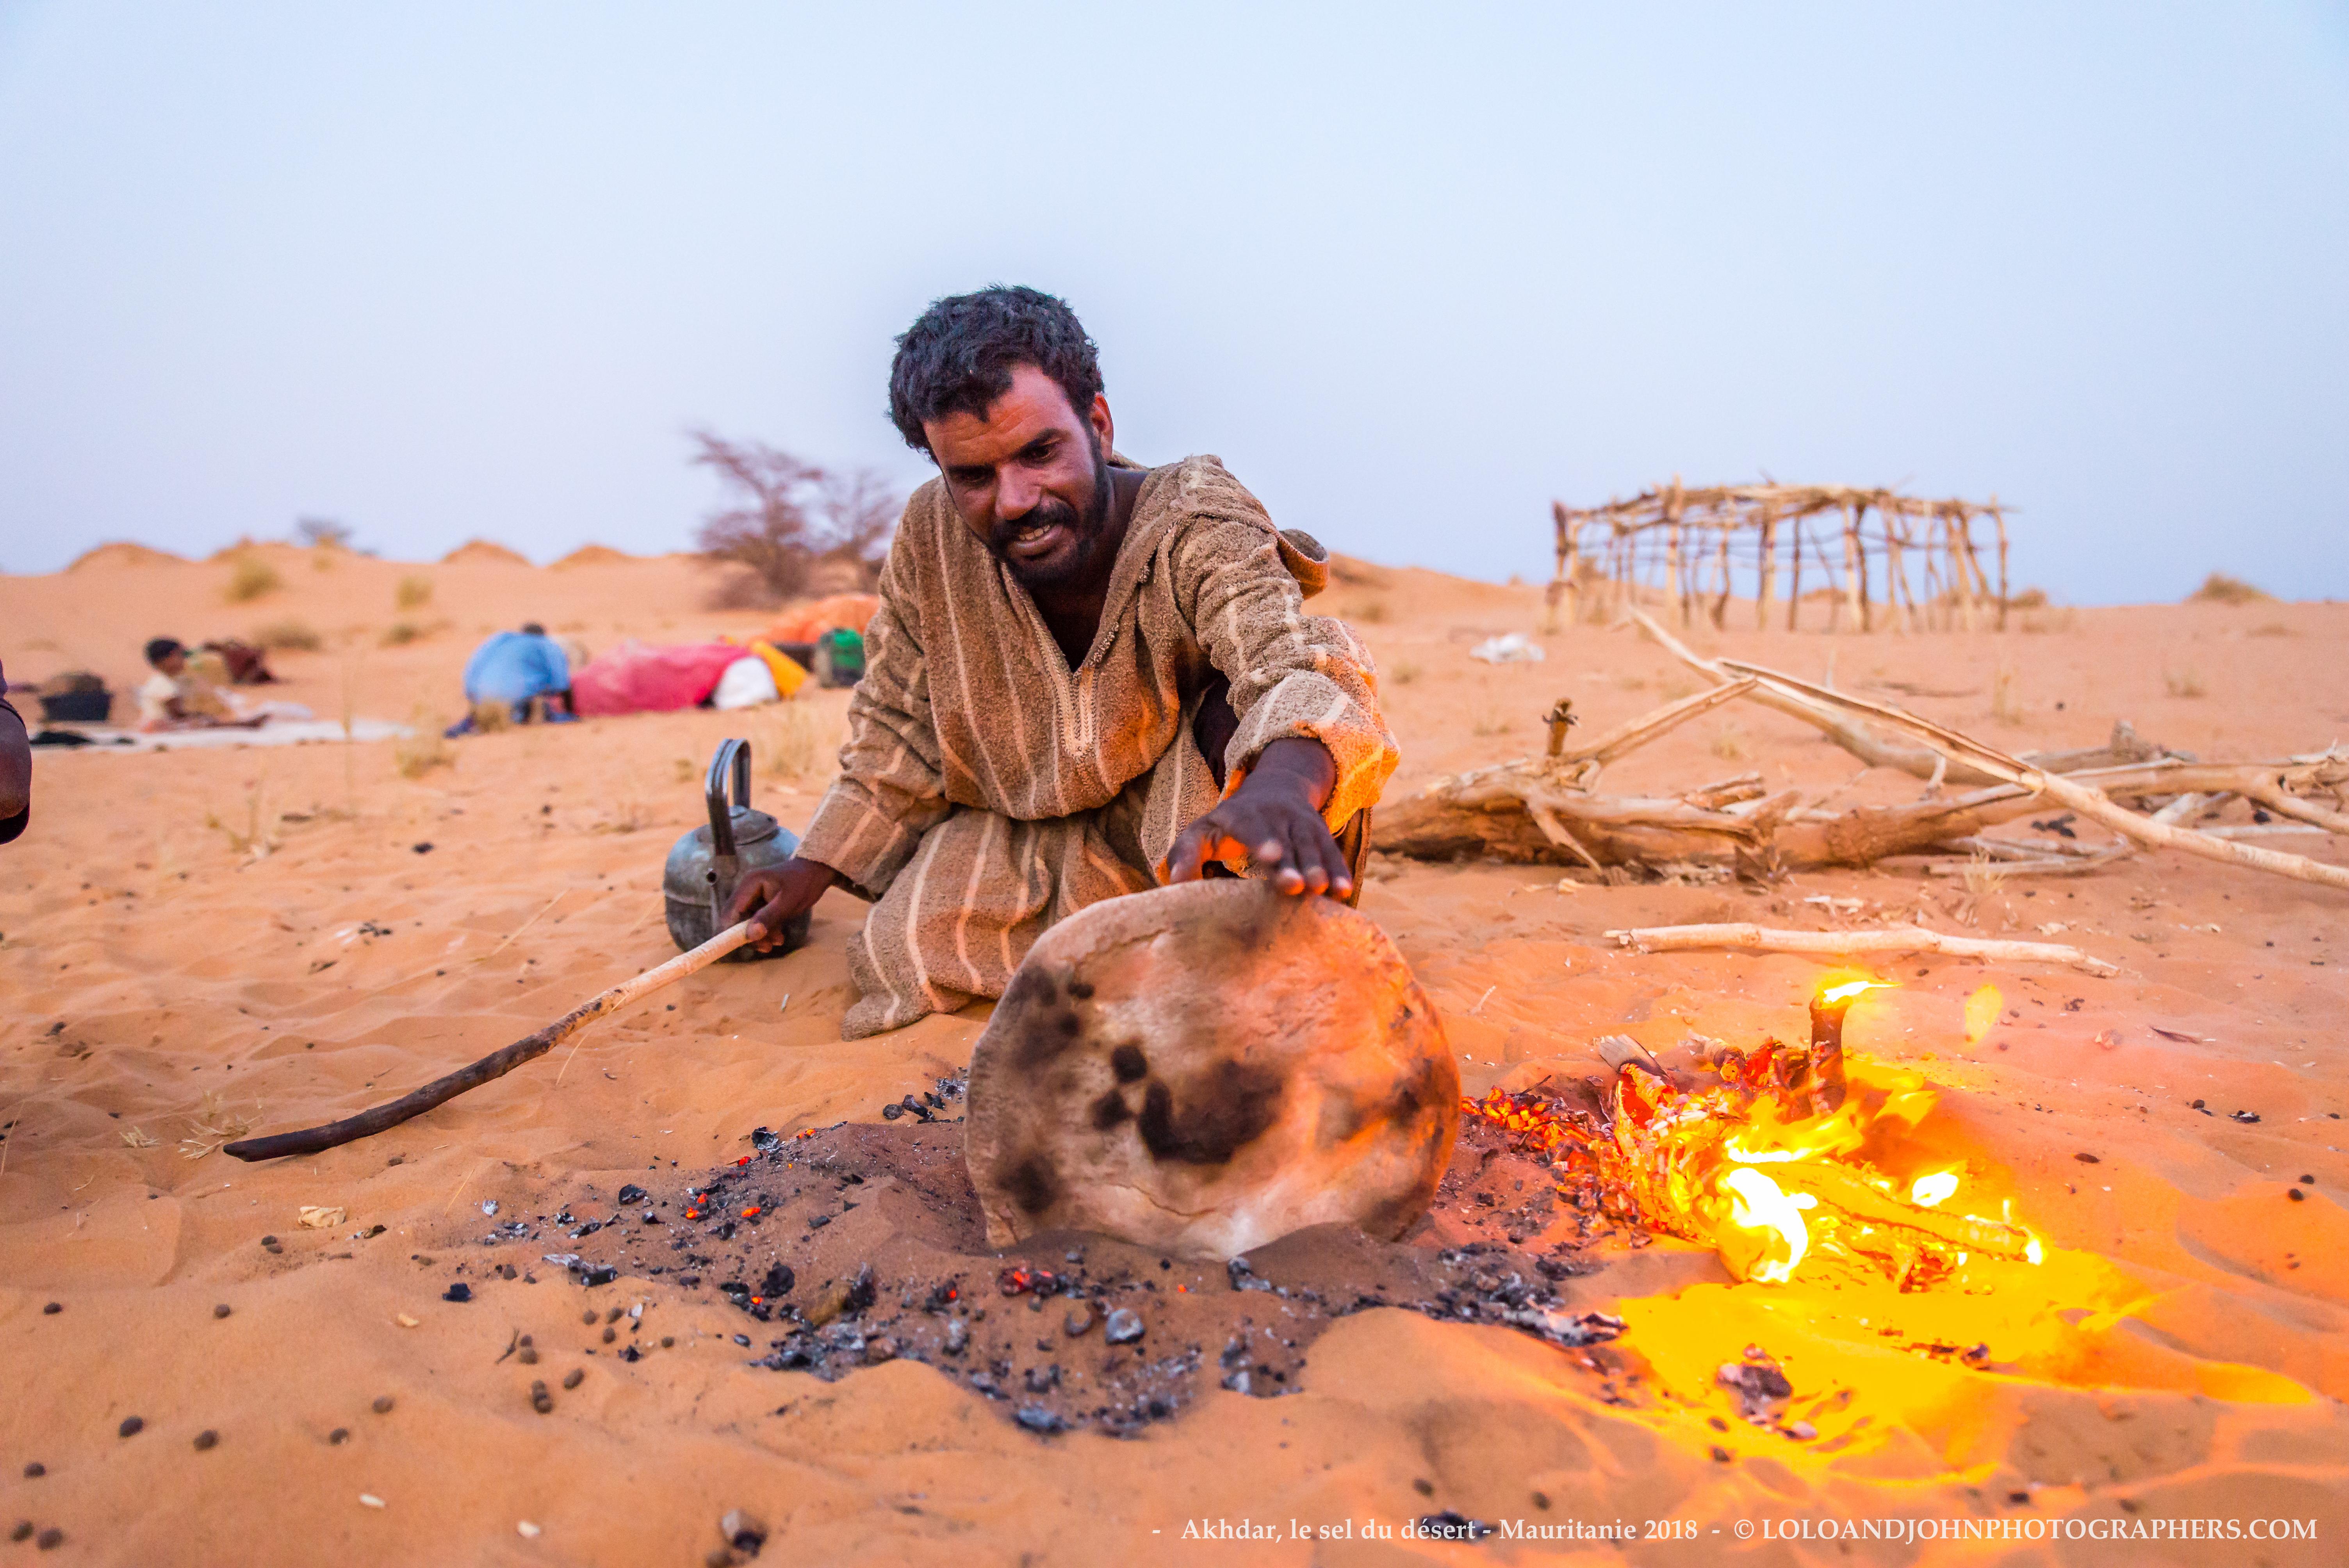 Cuisson traditionnelle du pain dans le sable